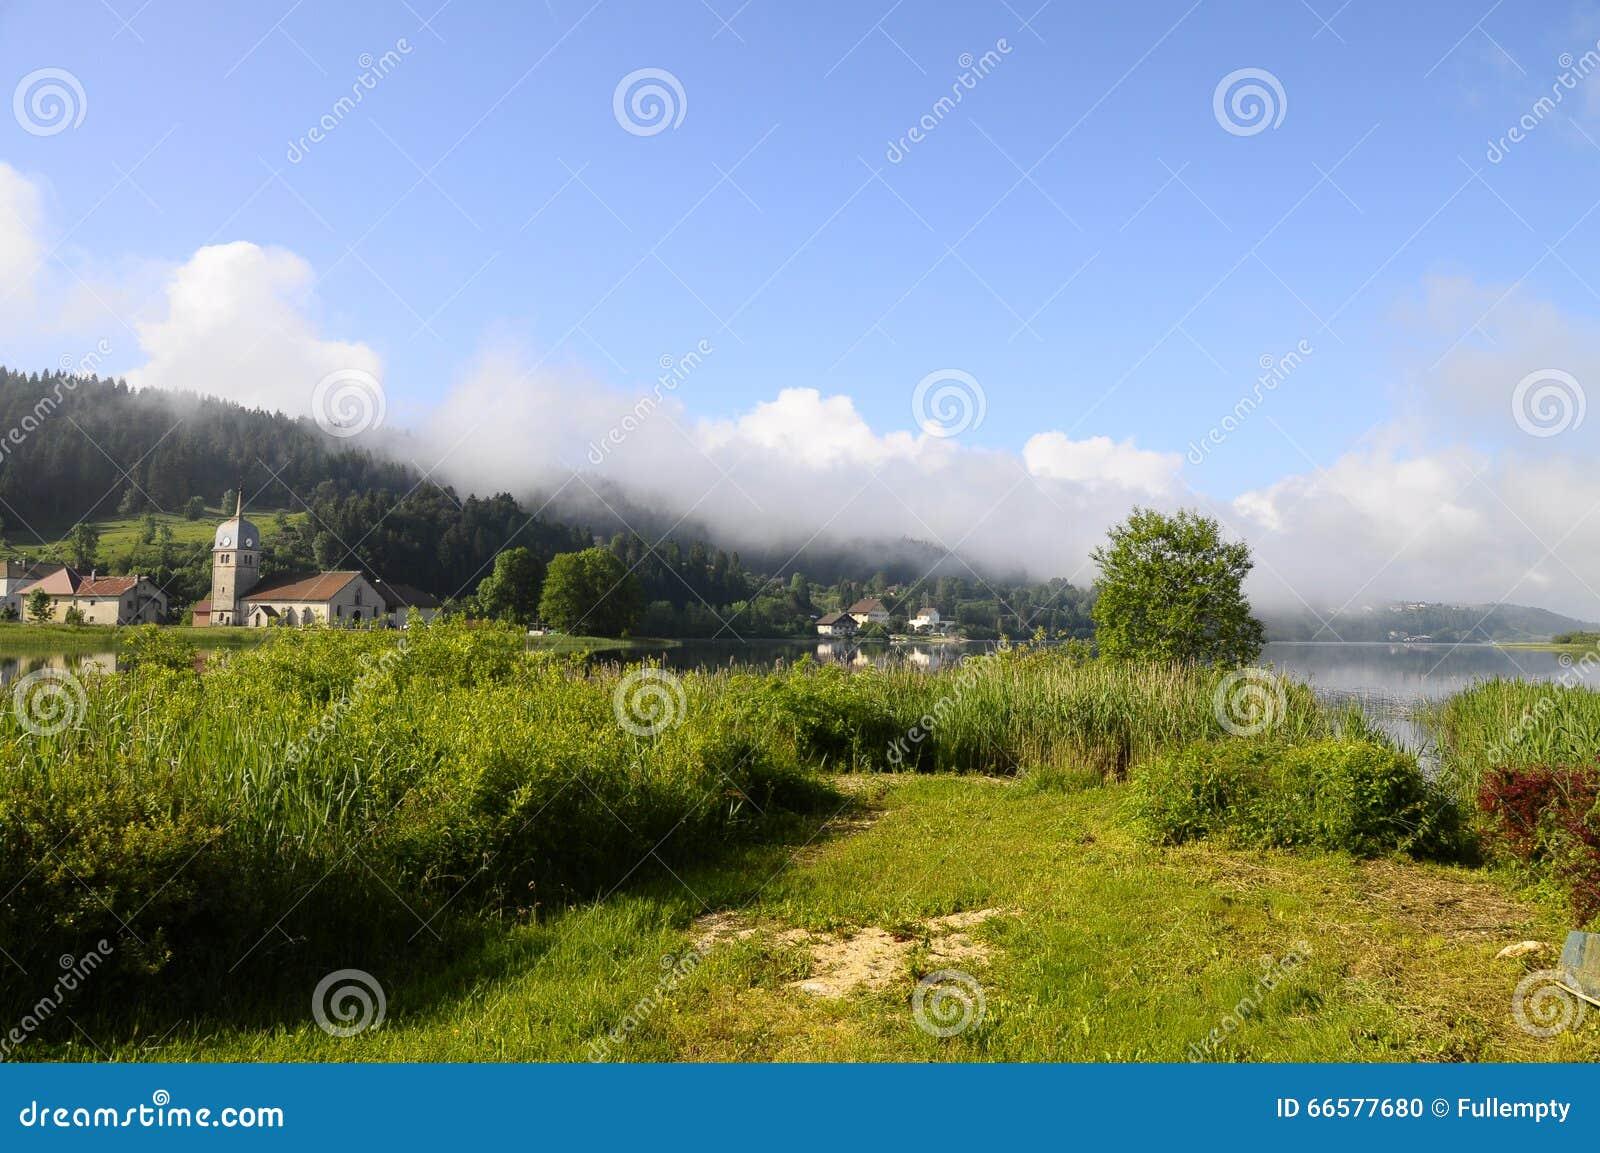 Harligt Naturligt Landskap Av Abbey Lake I Jura Frankrike Arkivfoto Bild Av Frankrike Landskap 66577680